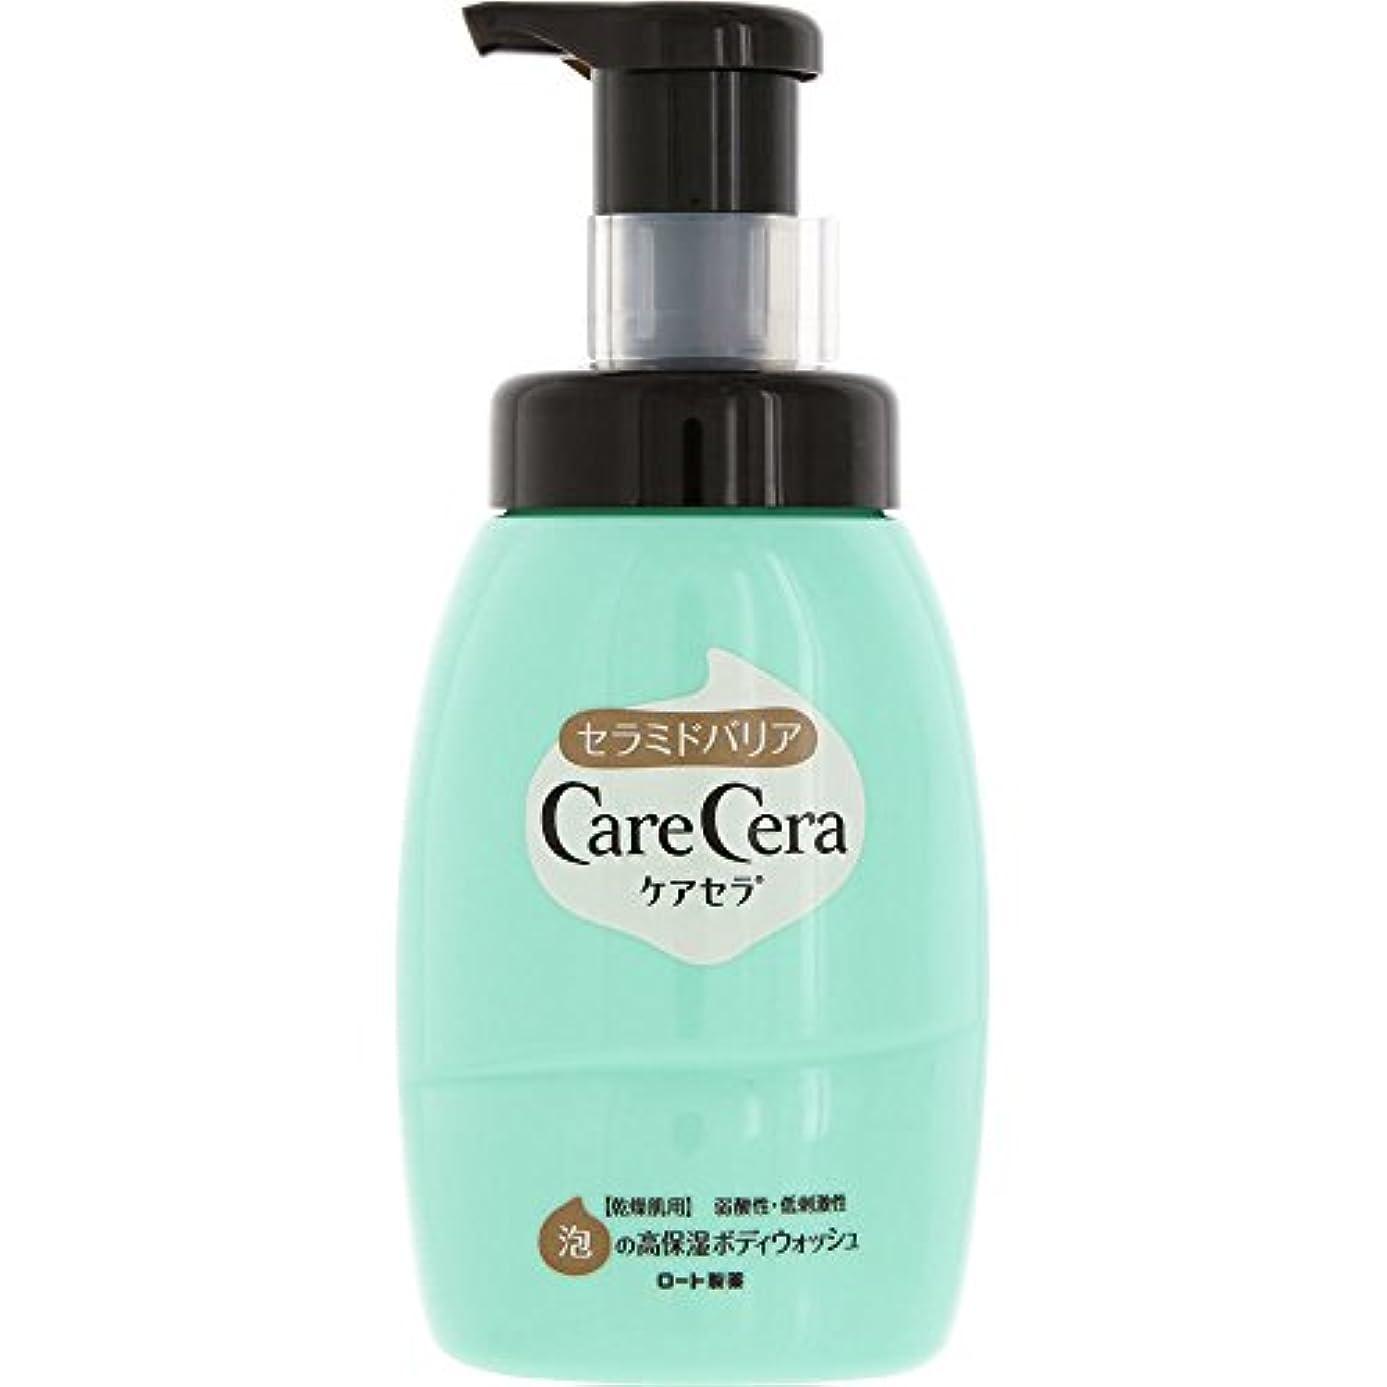 プーノ旅行予測するケアセラ(CareCera) ロート製薬 ケアセラ  天然型セラミド7種配合 セラミド濃度10倍泡の高保湿 全身ボディウォッシュ ピュアフローラルの香り お試し企画品 300mL